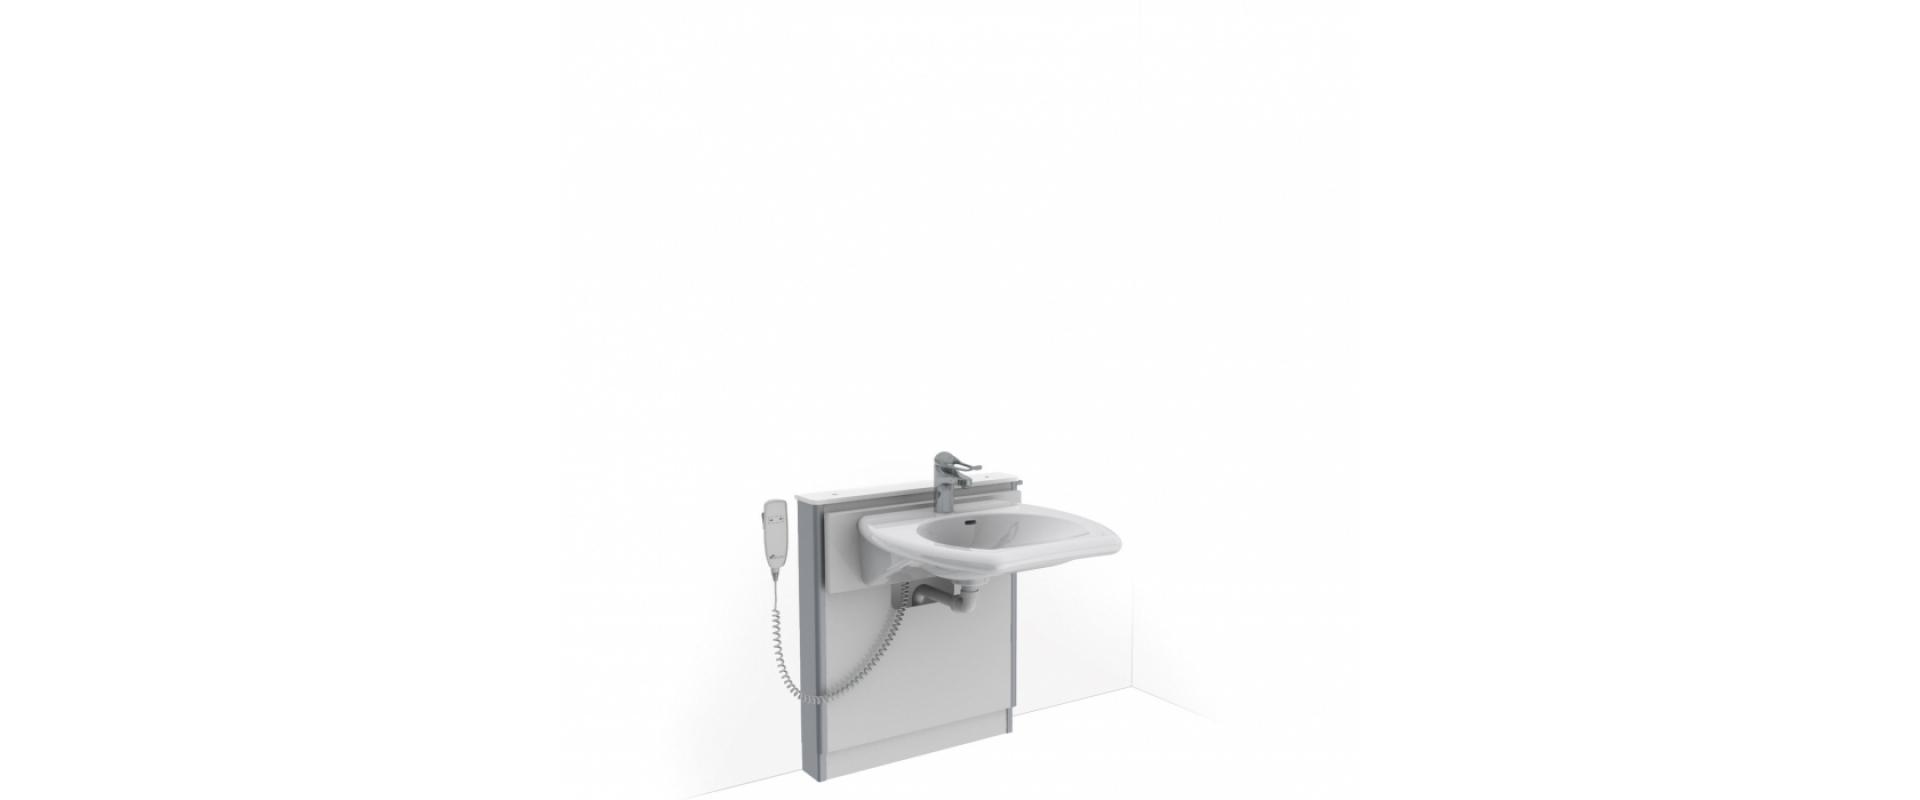 <b>Tvättställsmodul BASICLINE 415-03</b>